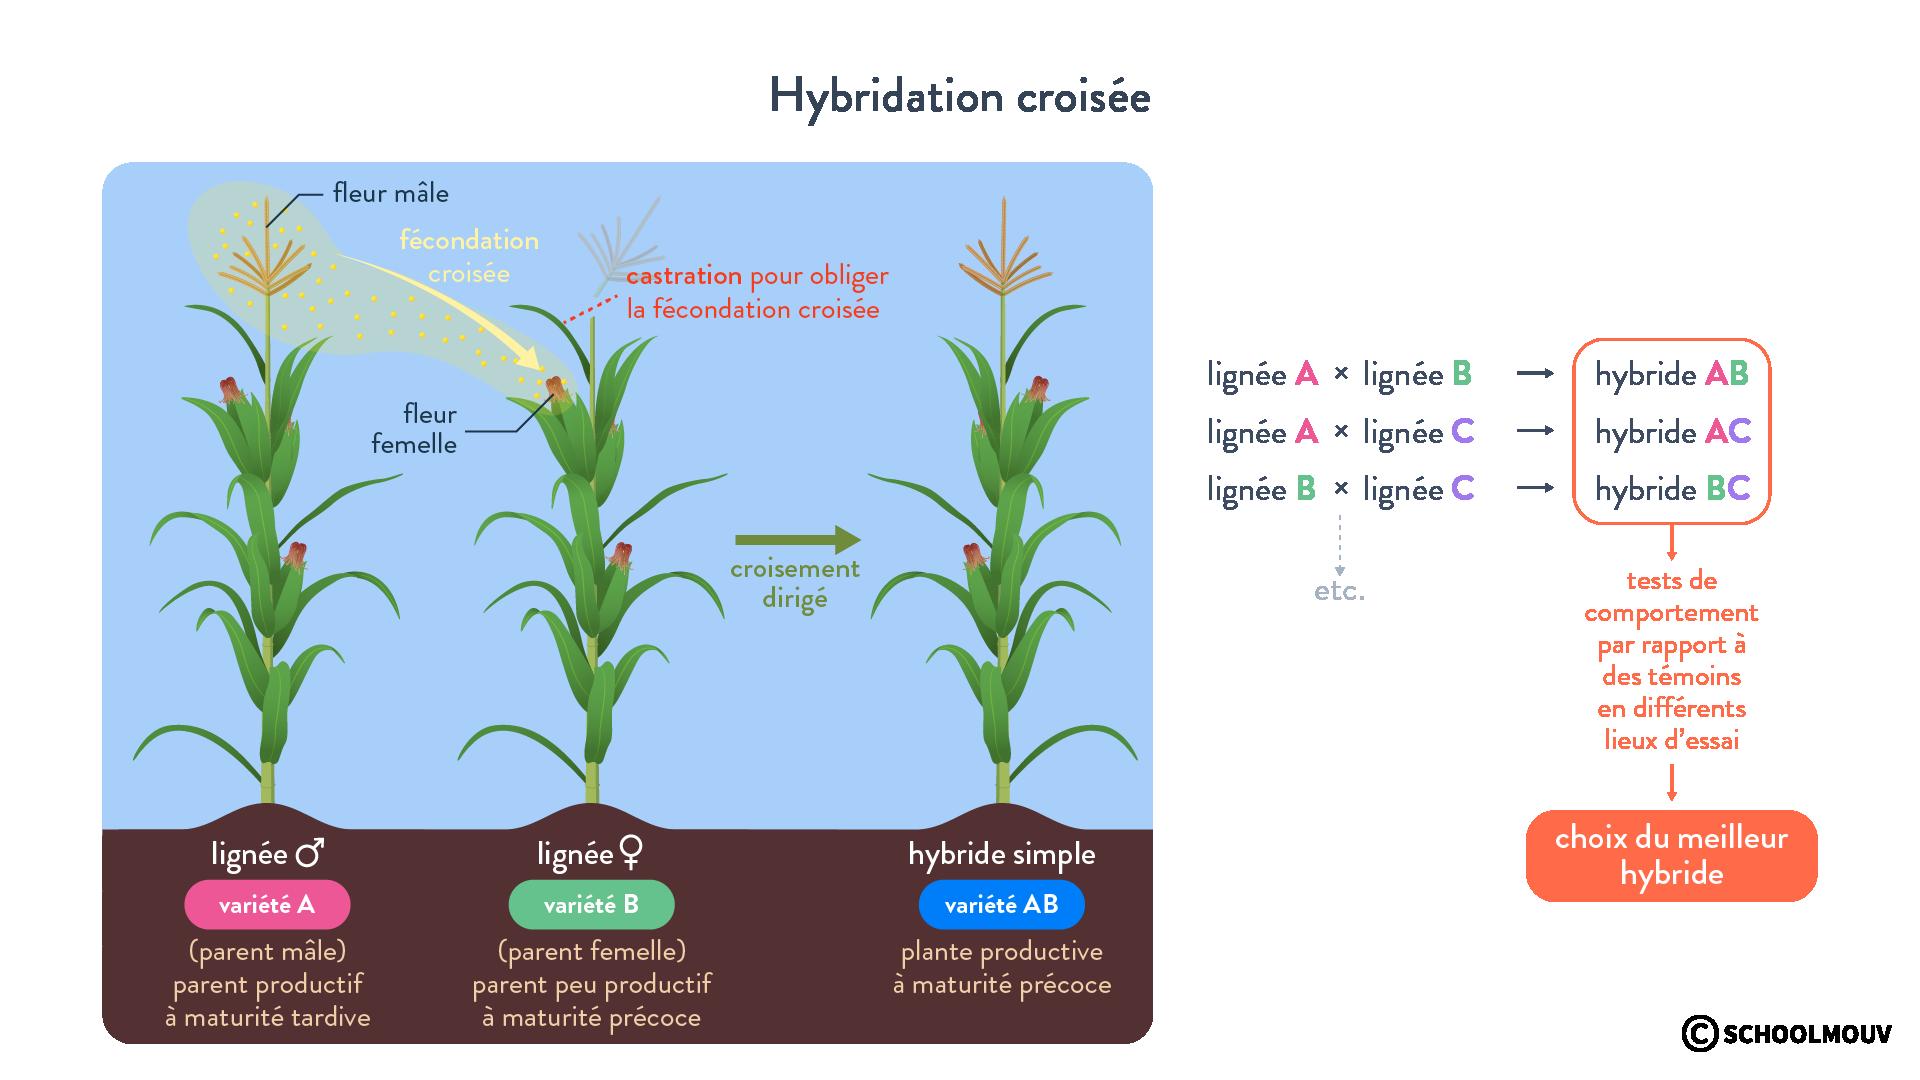 Hybridation croisée